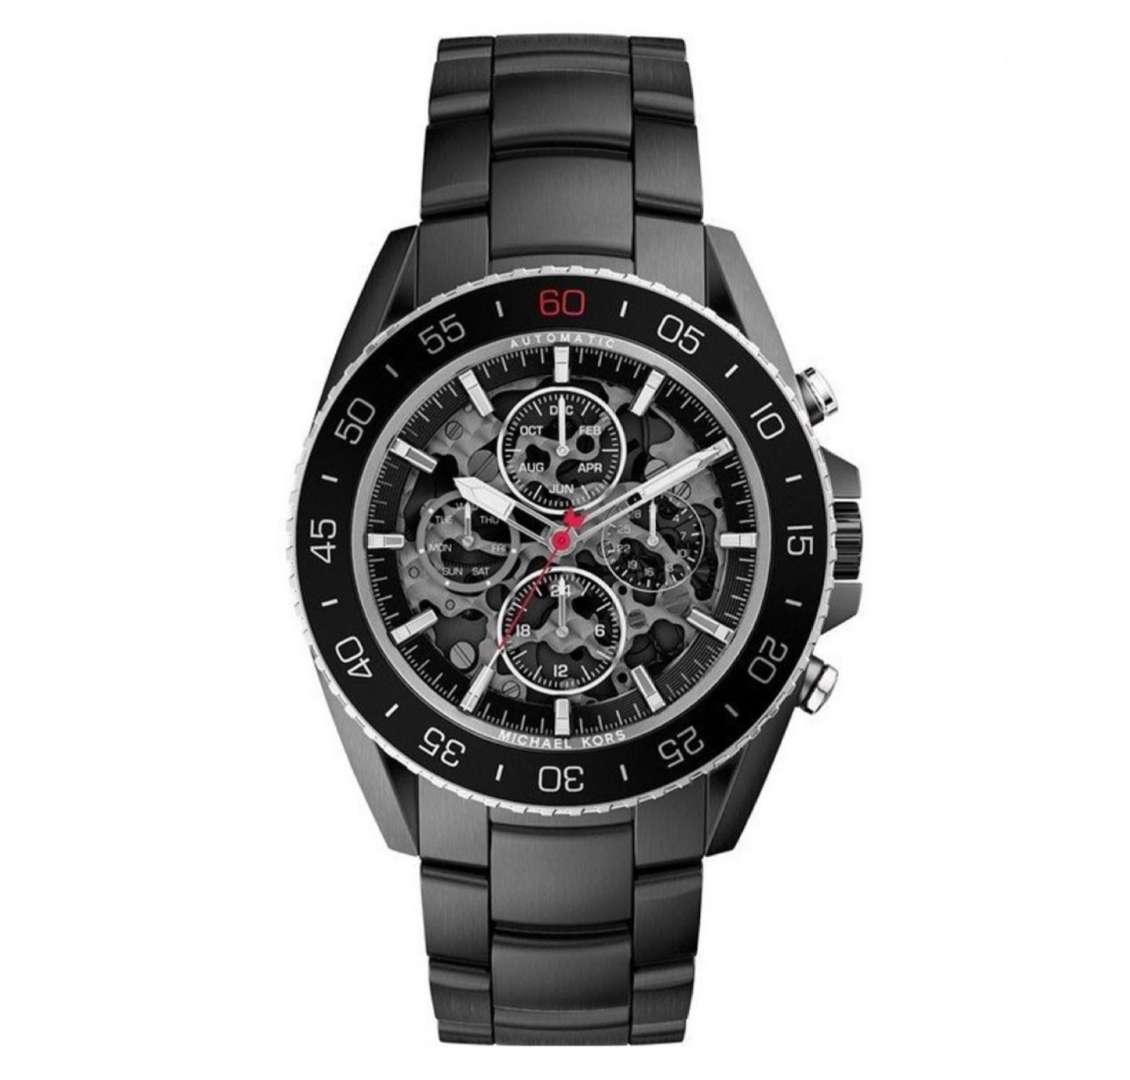 שעון יד אנלוגי לגבר michael kors mk9012 מייקל קורס